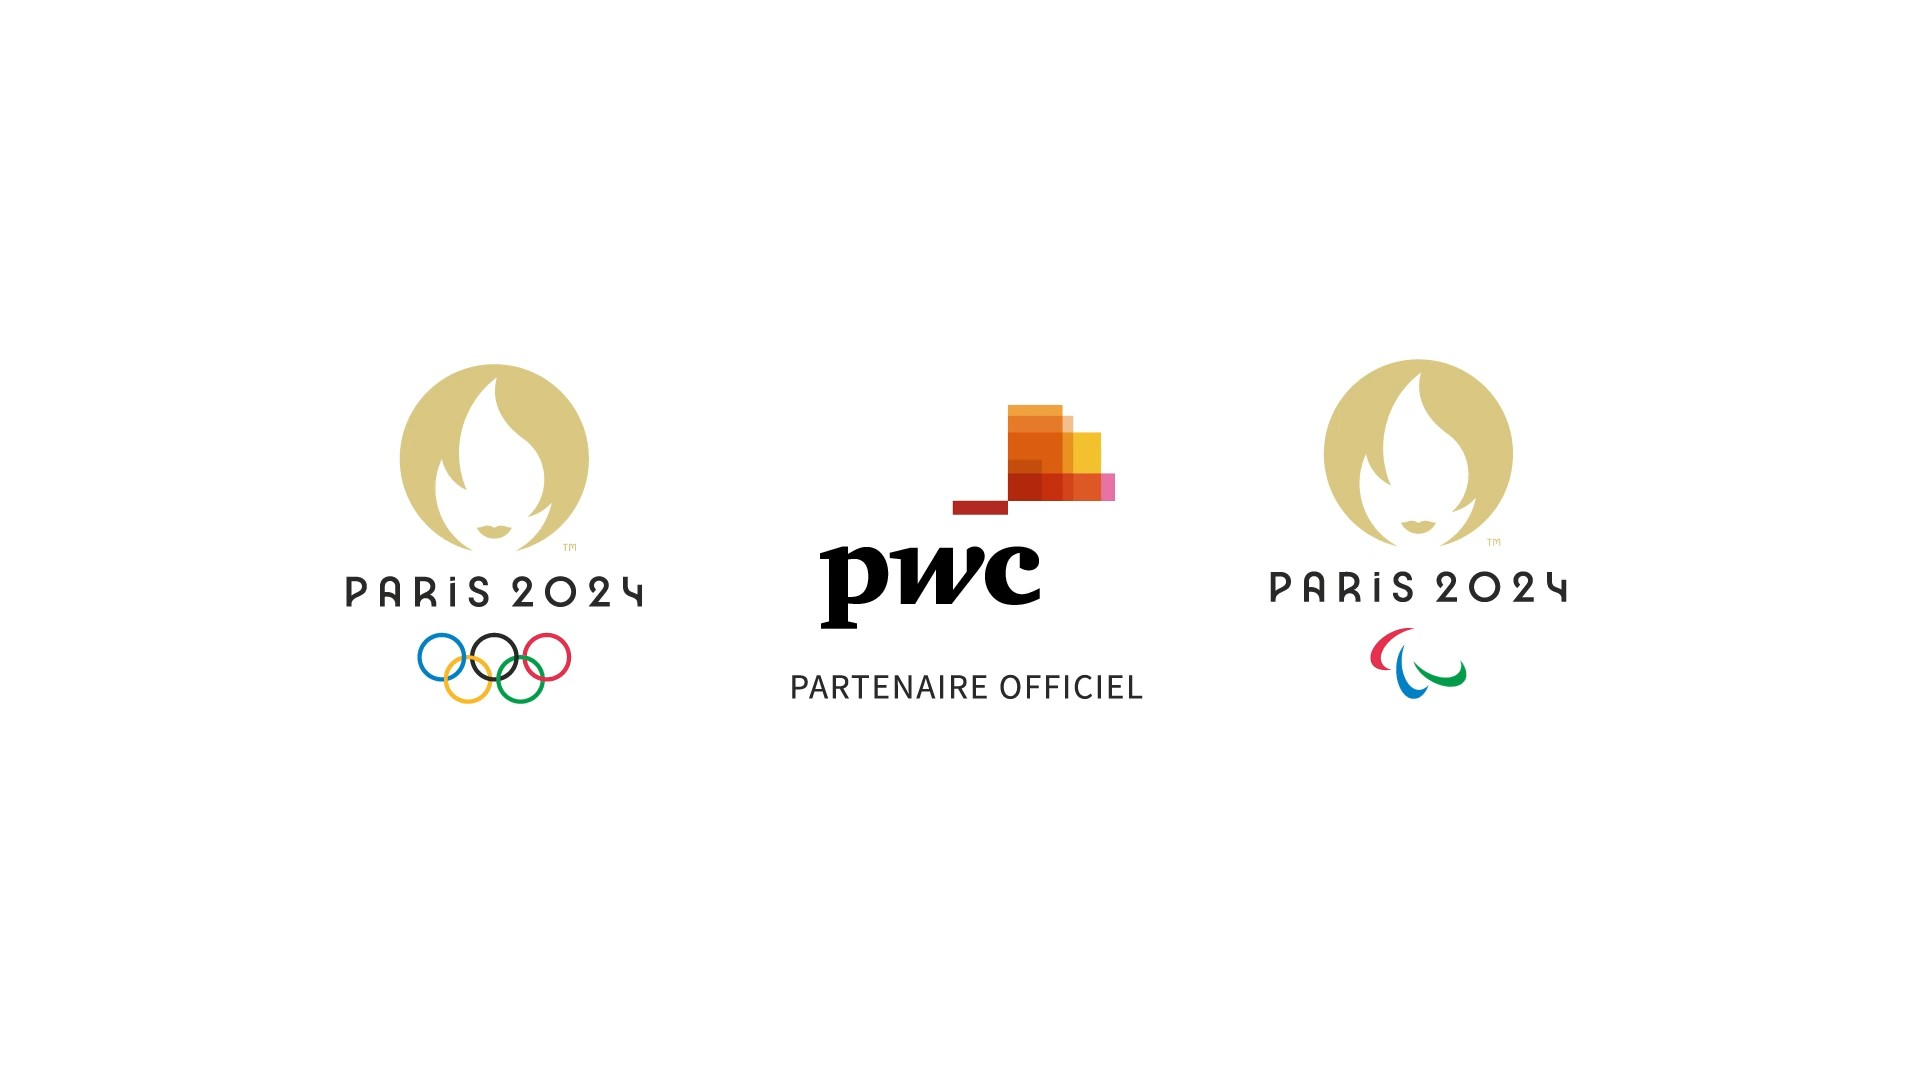 Pwc w Paris 2024 (Jeux olympiques) 2021